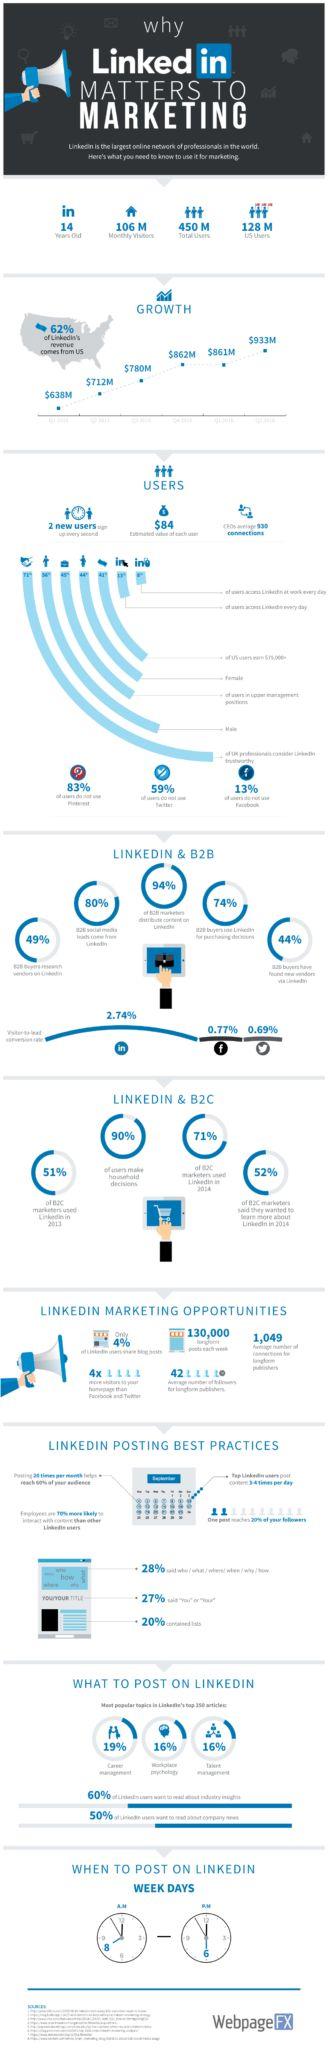 422 best LinkedIn images on Pinterest Social media, Digital - best of blueprint software systems linkedin